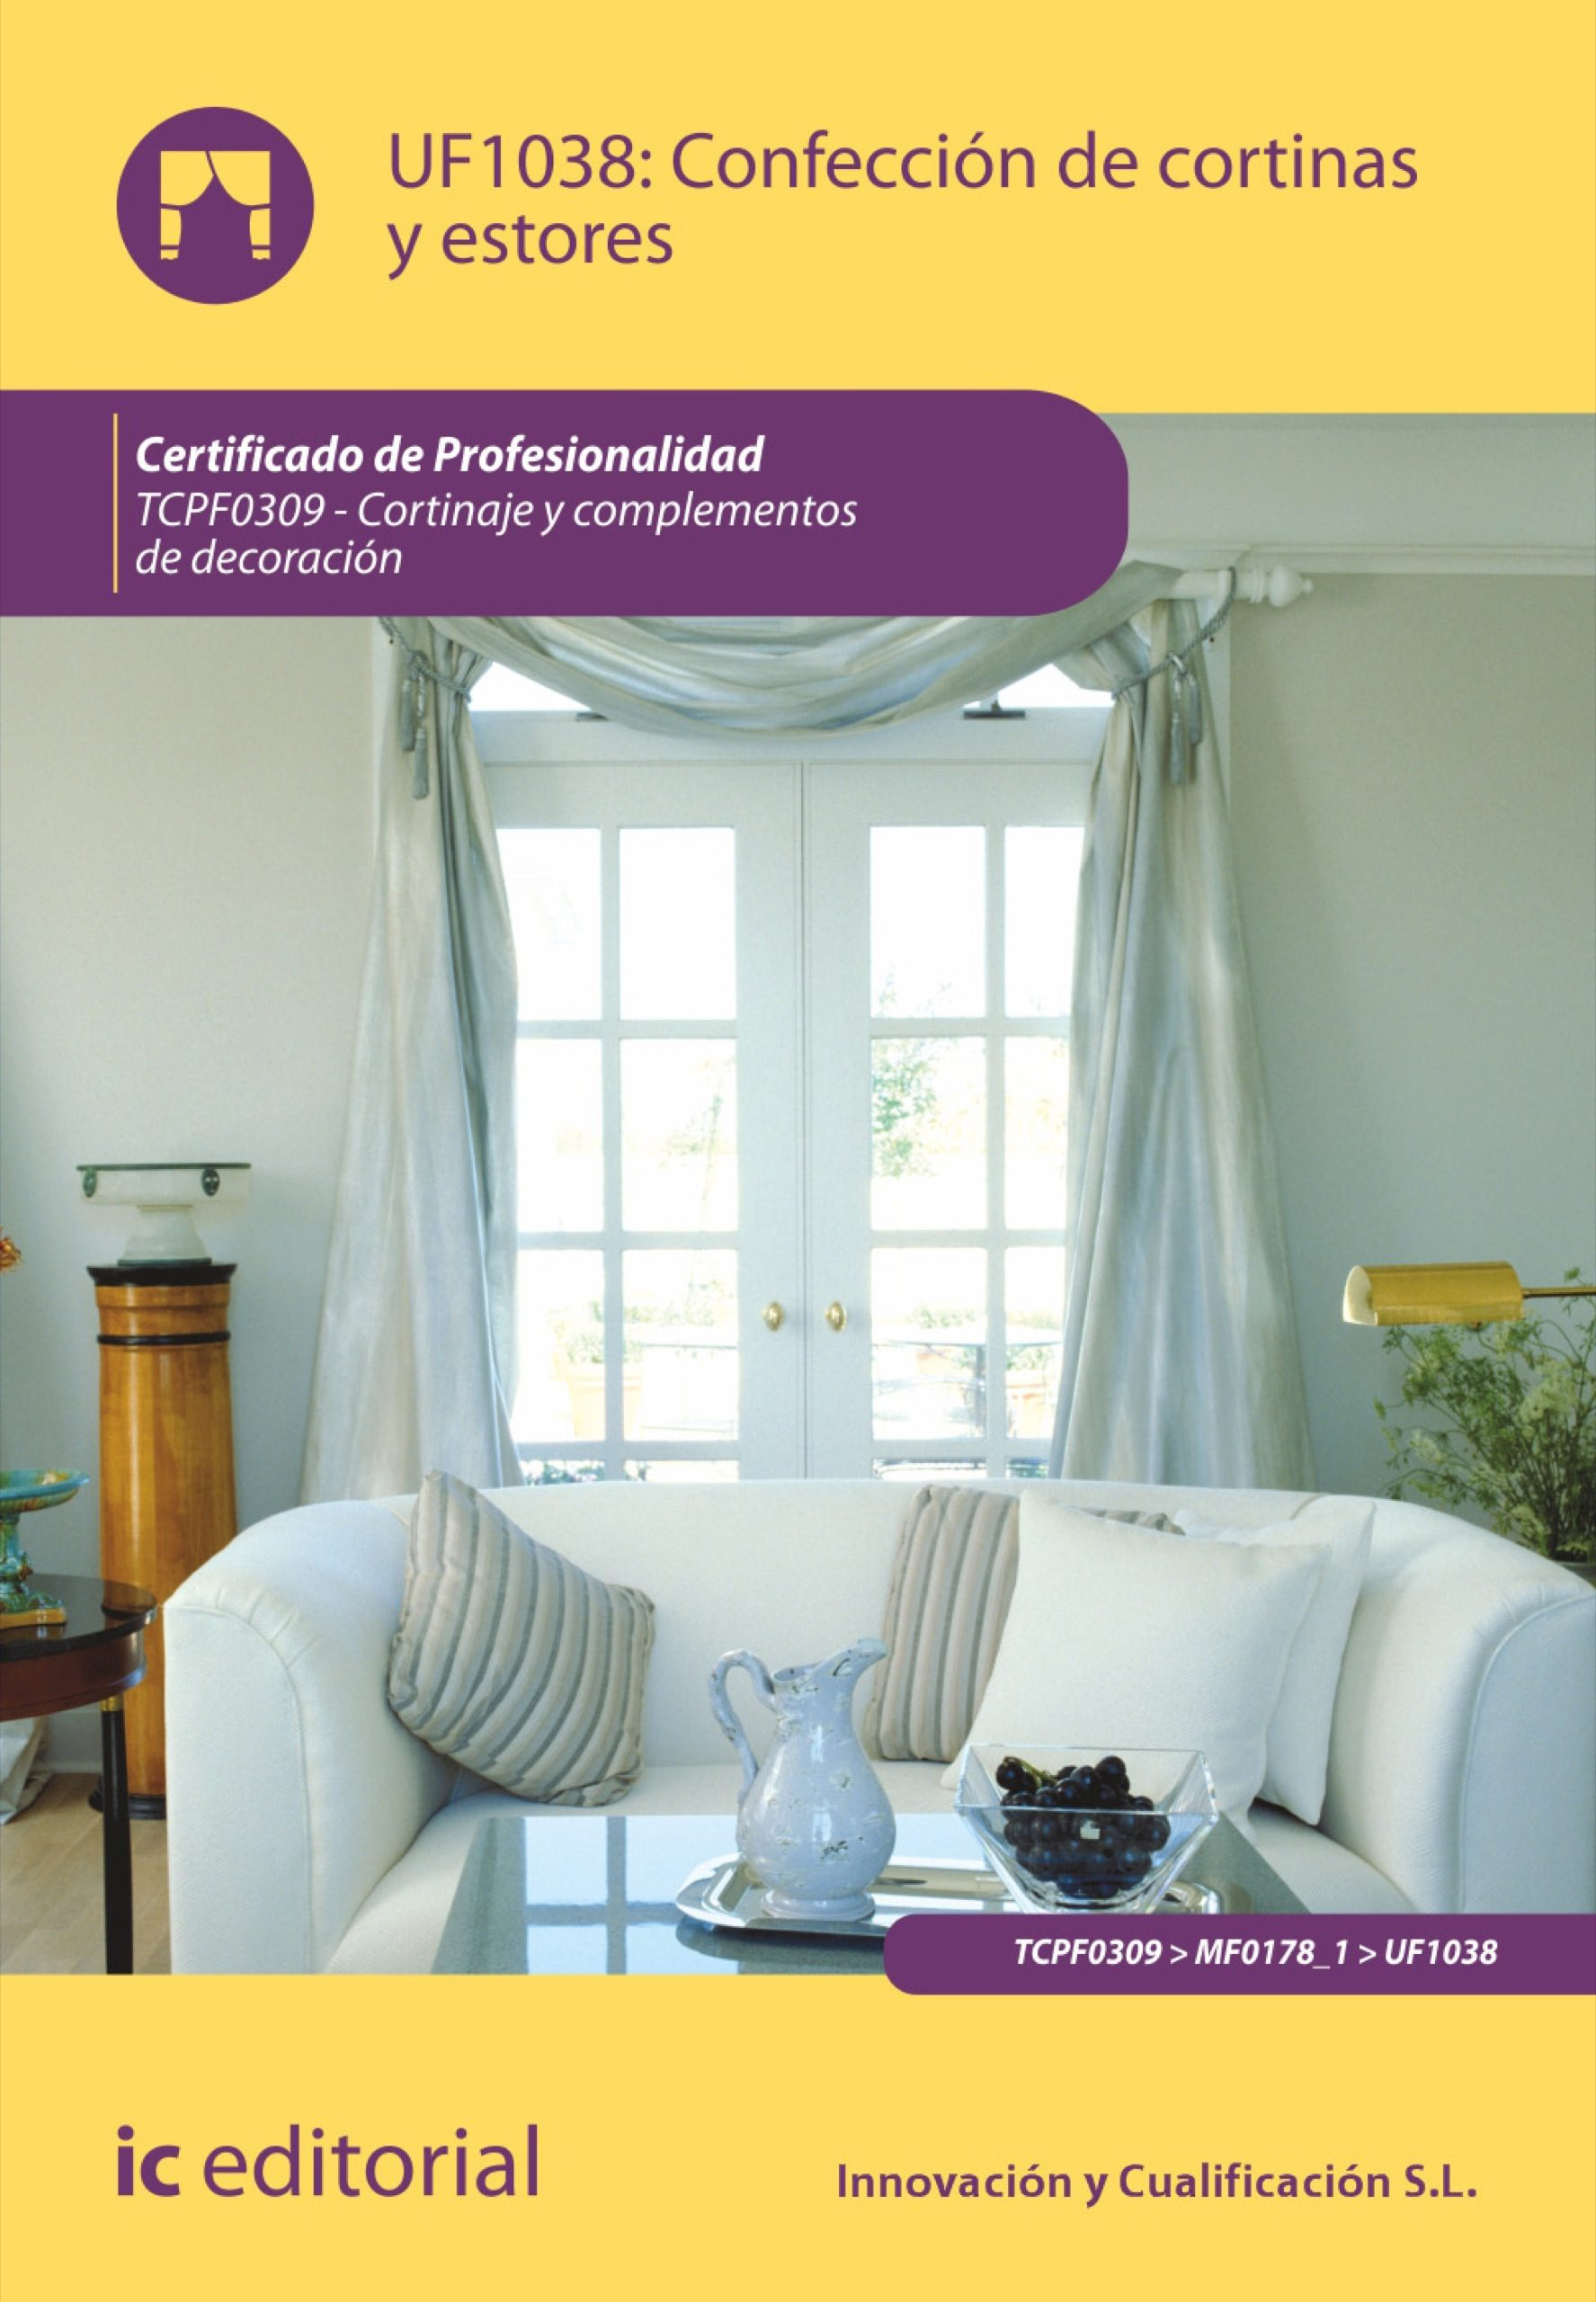 Confecci n de cortinas y estores tcpf0309 ebook ebooks el corte ingl s - Todo cortinas y estores ...